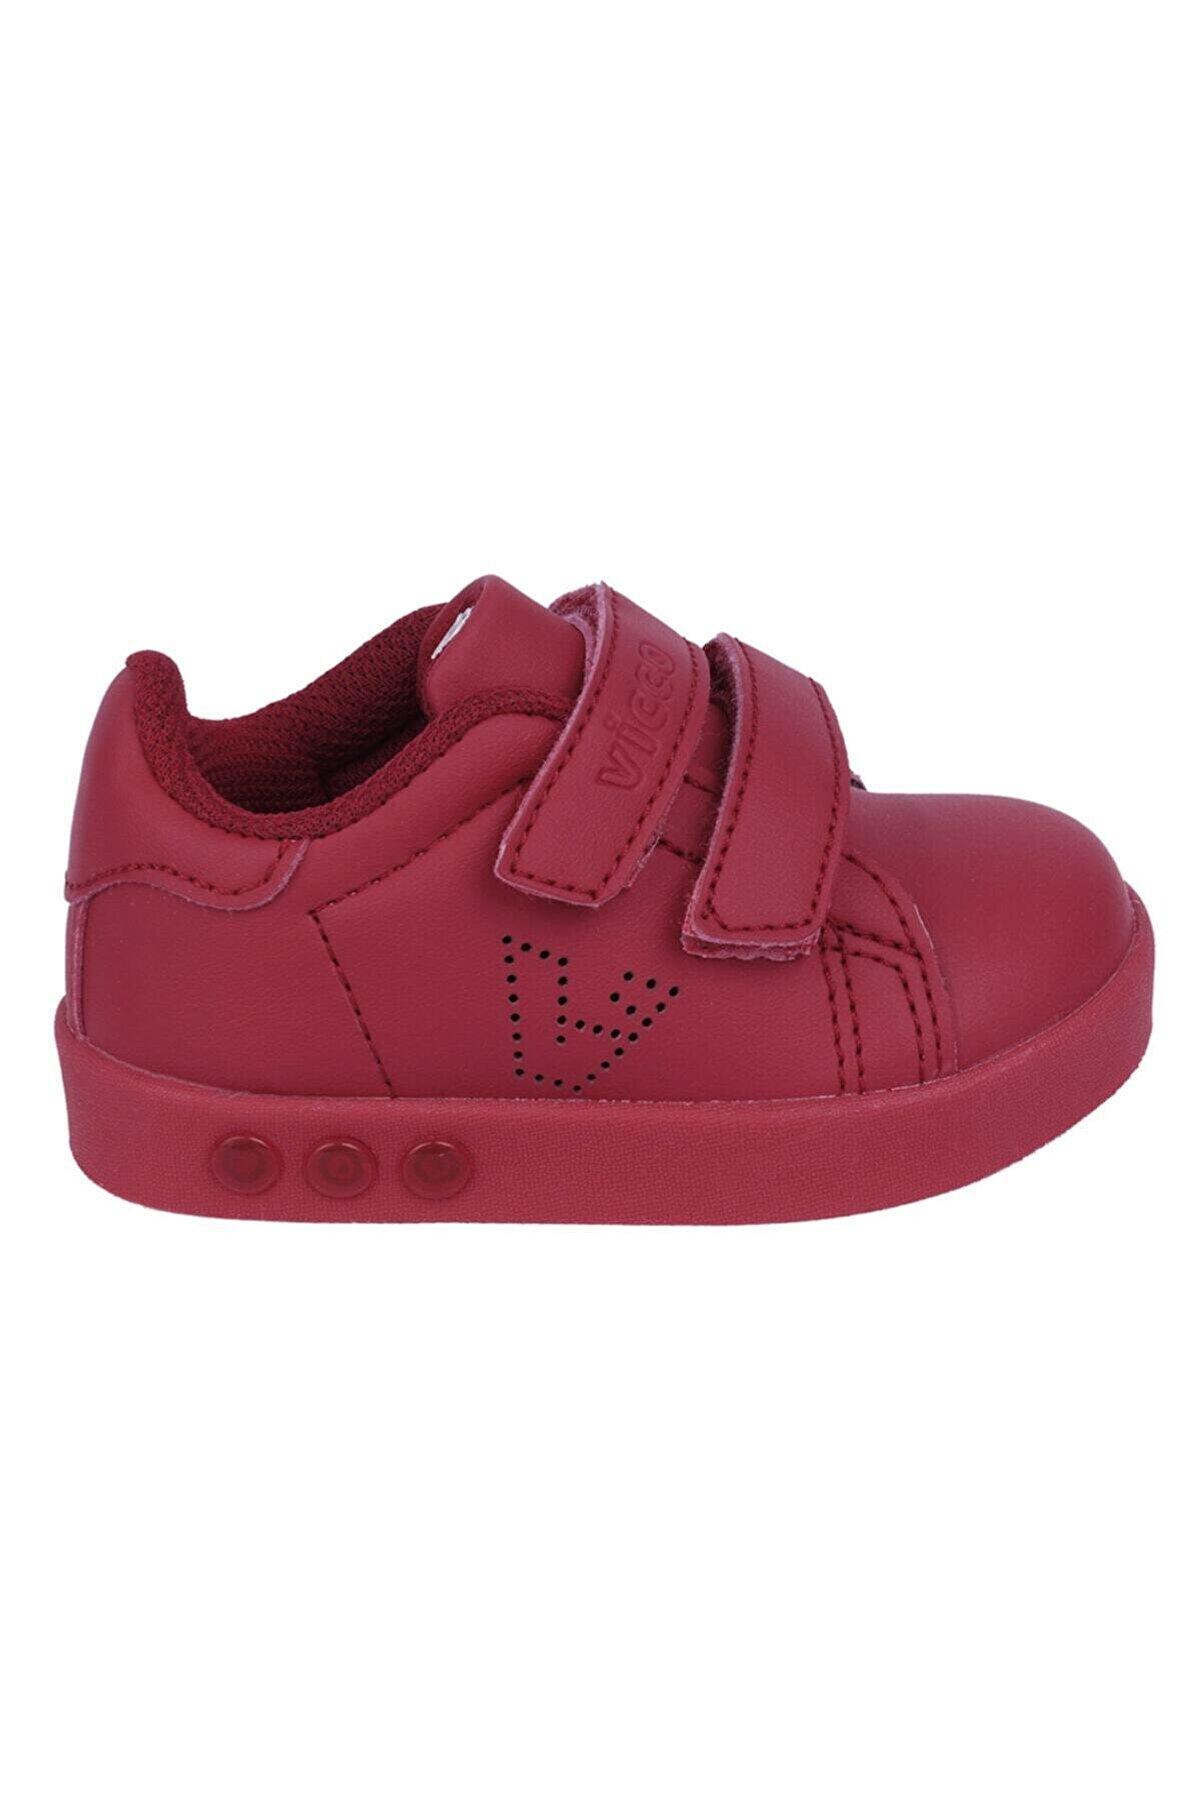 Vicco Unısex Çocuk Kırmızı Spor Ayakkabı 313.p19k.100